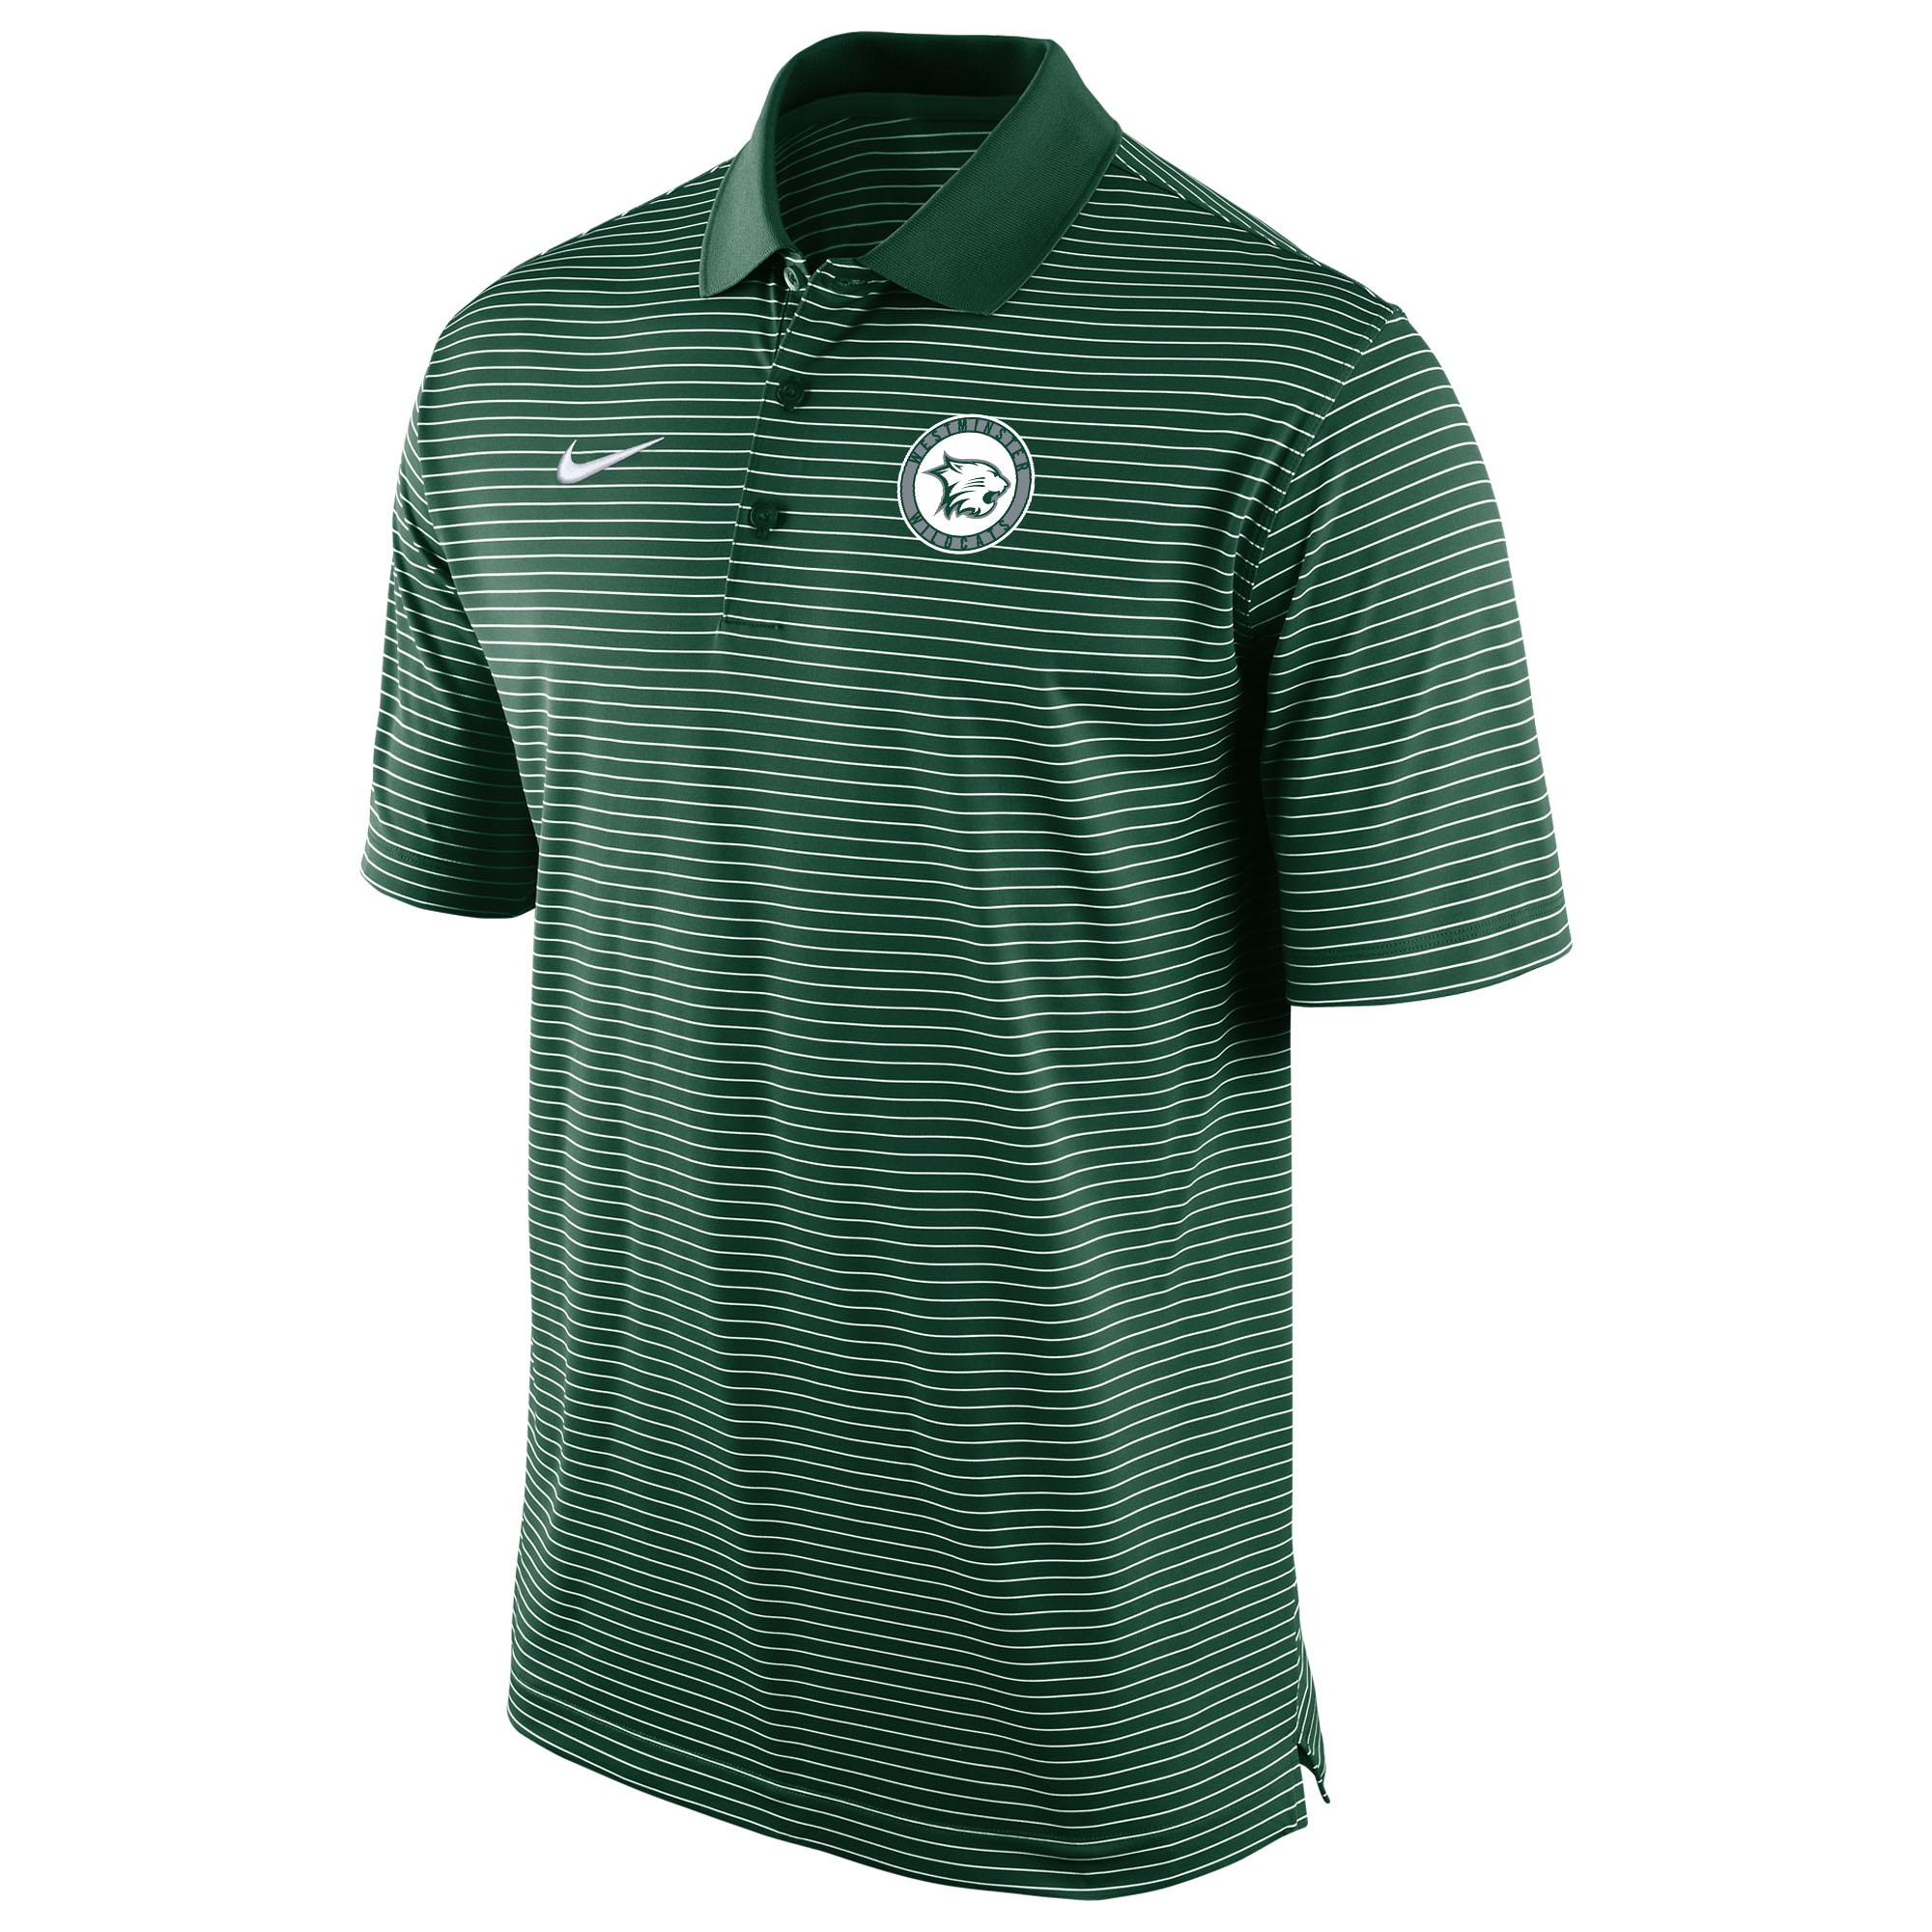 Nike Polo: Nike Stadium Stripe with Circle Logo